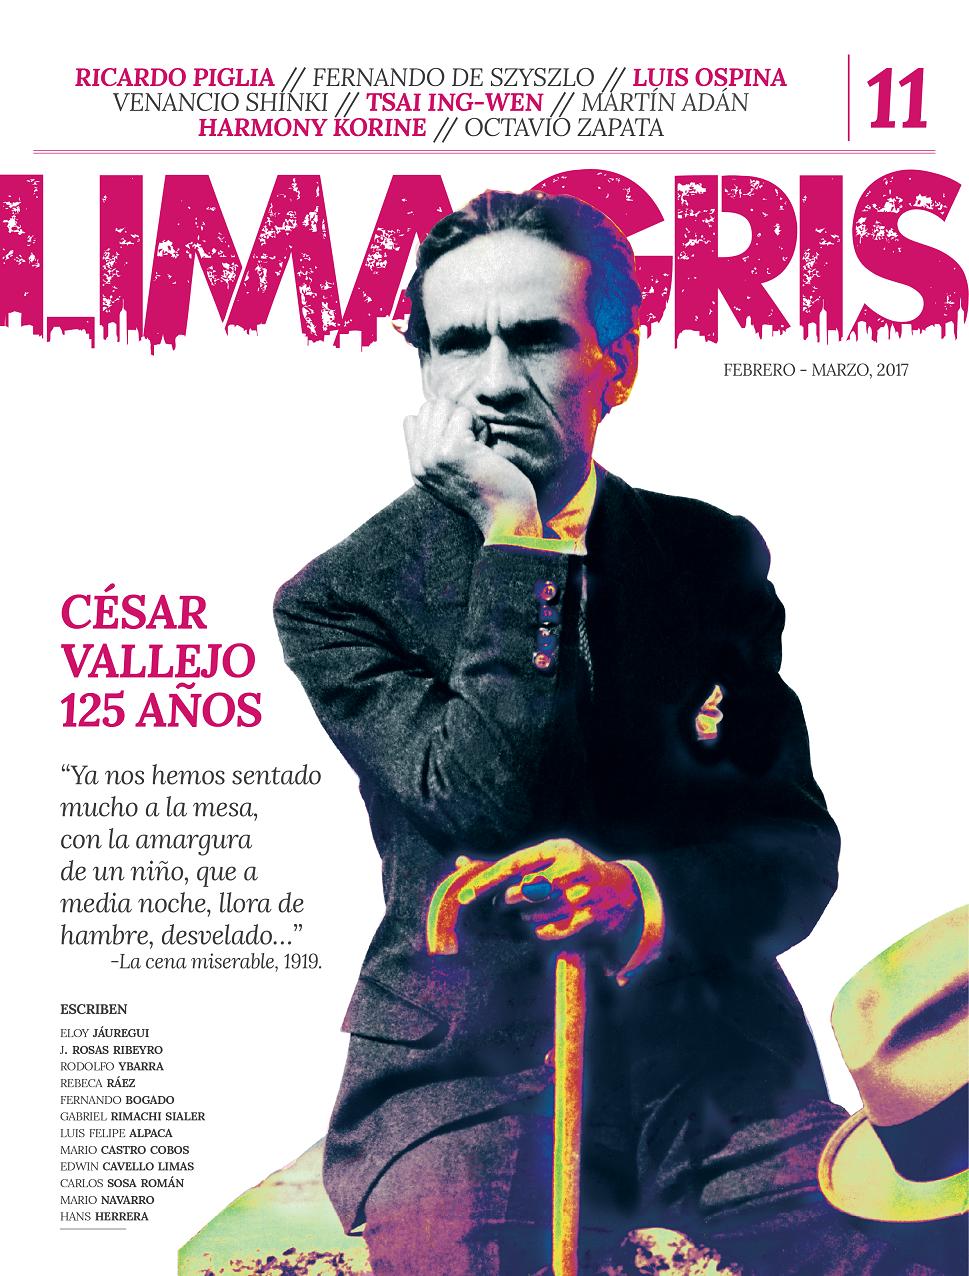 Revista cultural limeña